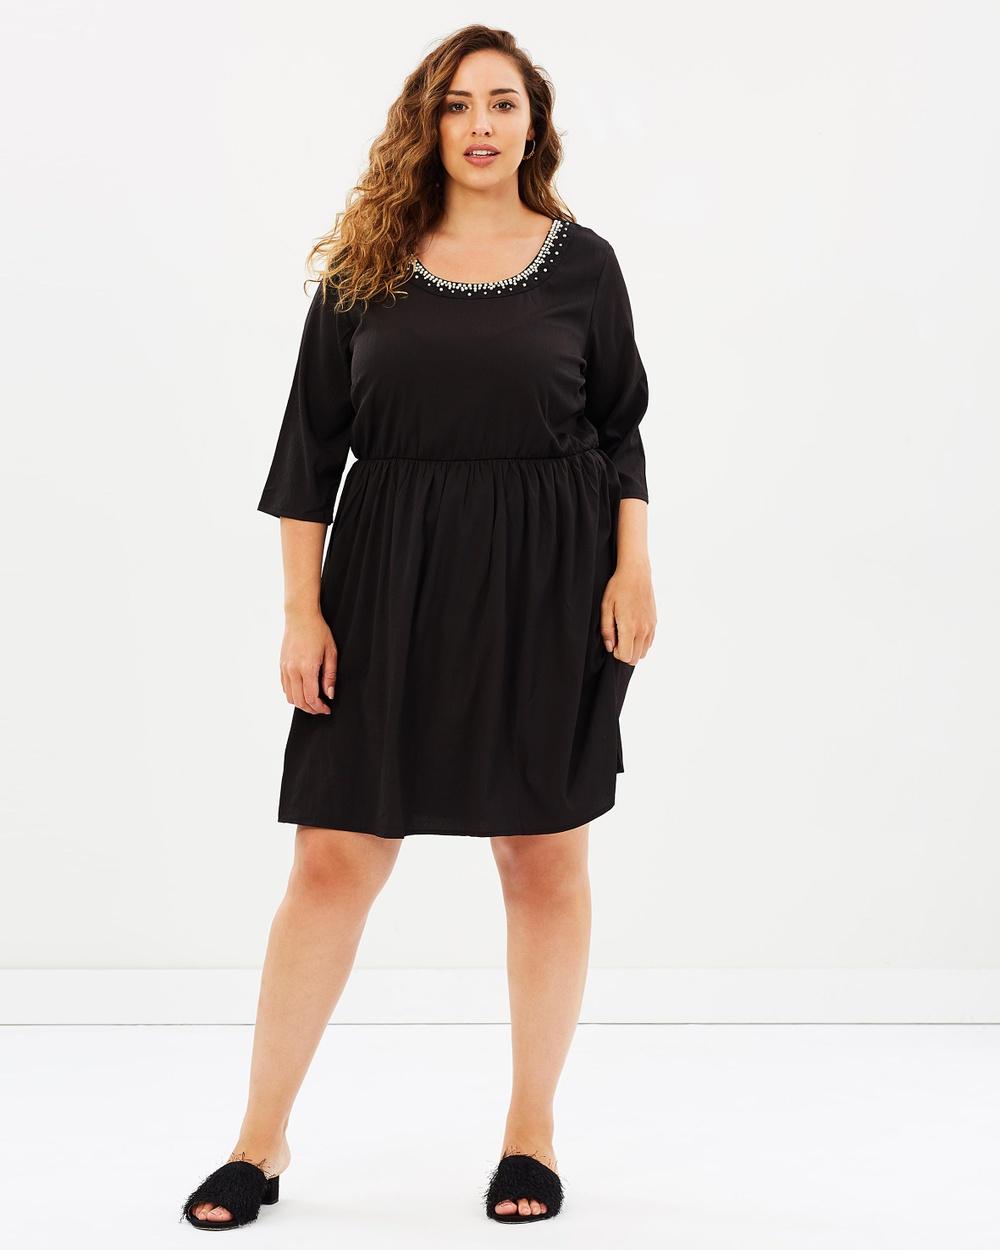 JUNAROSE Lavas 3 4 Sleeve Dress Dresses Black Beauty Lavas 3-4 Sleeve Dress